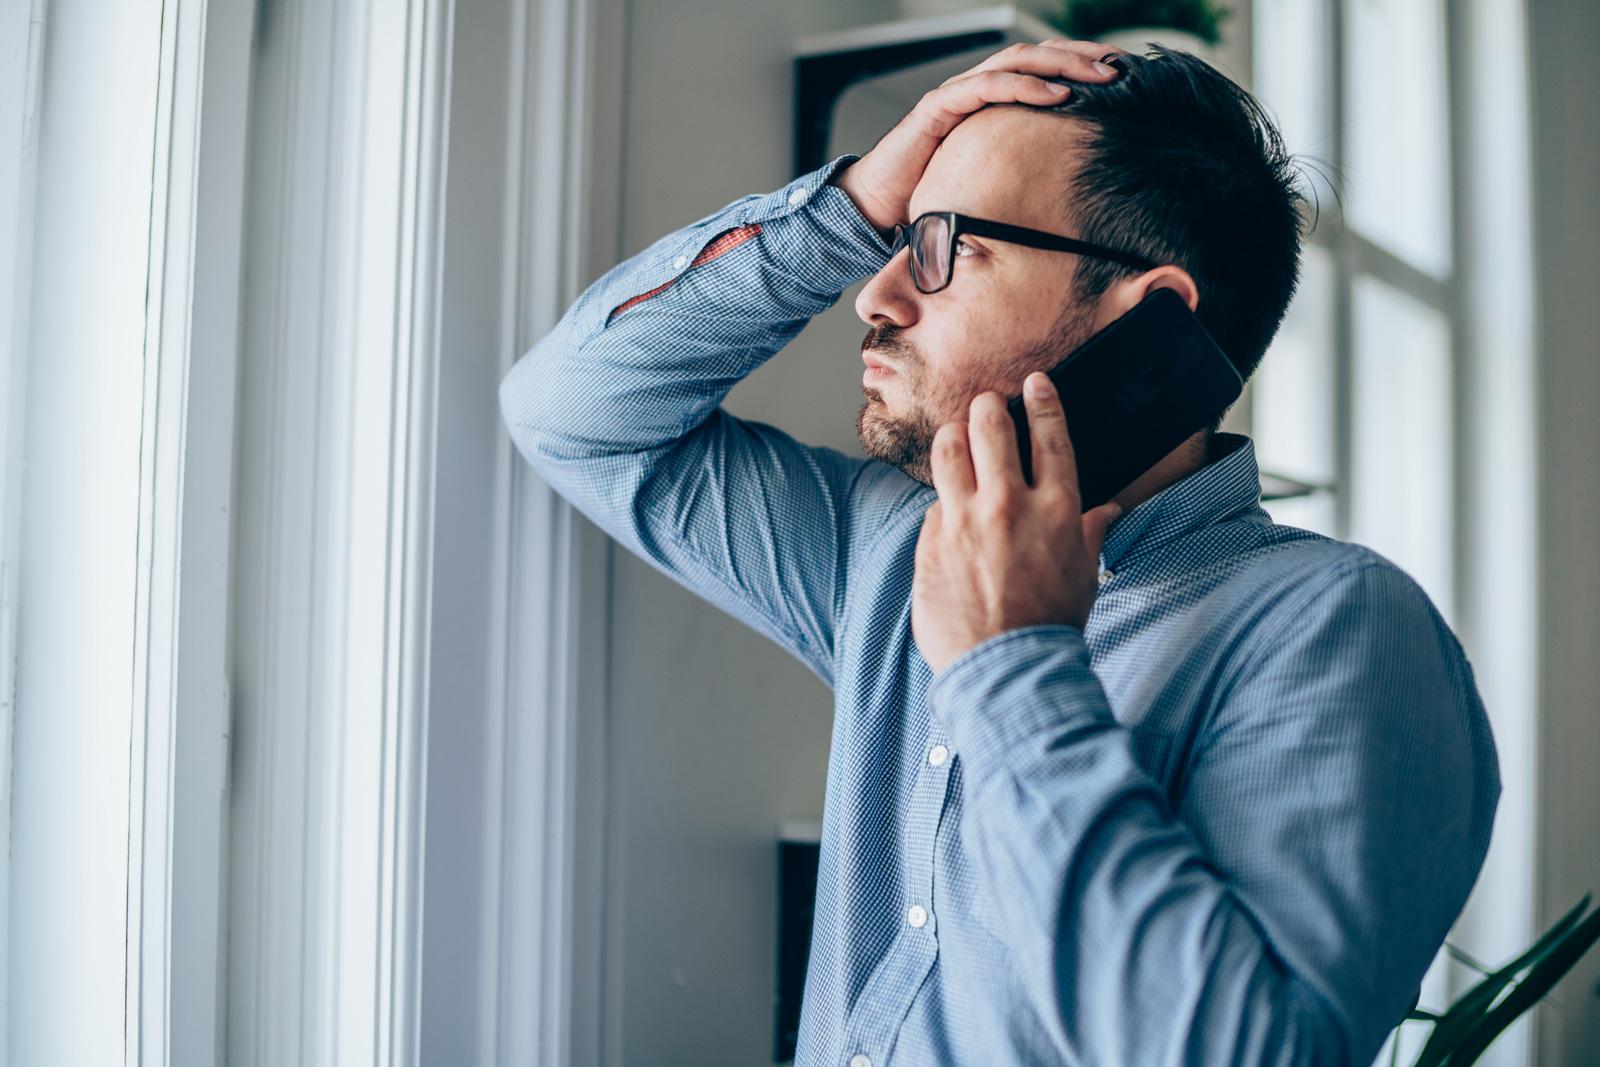 Dauerstress führt zu Erschöpfung